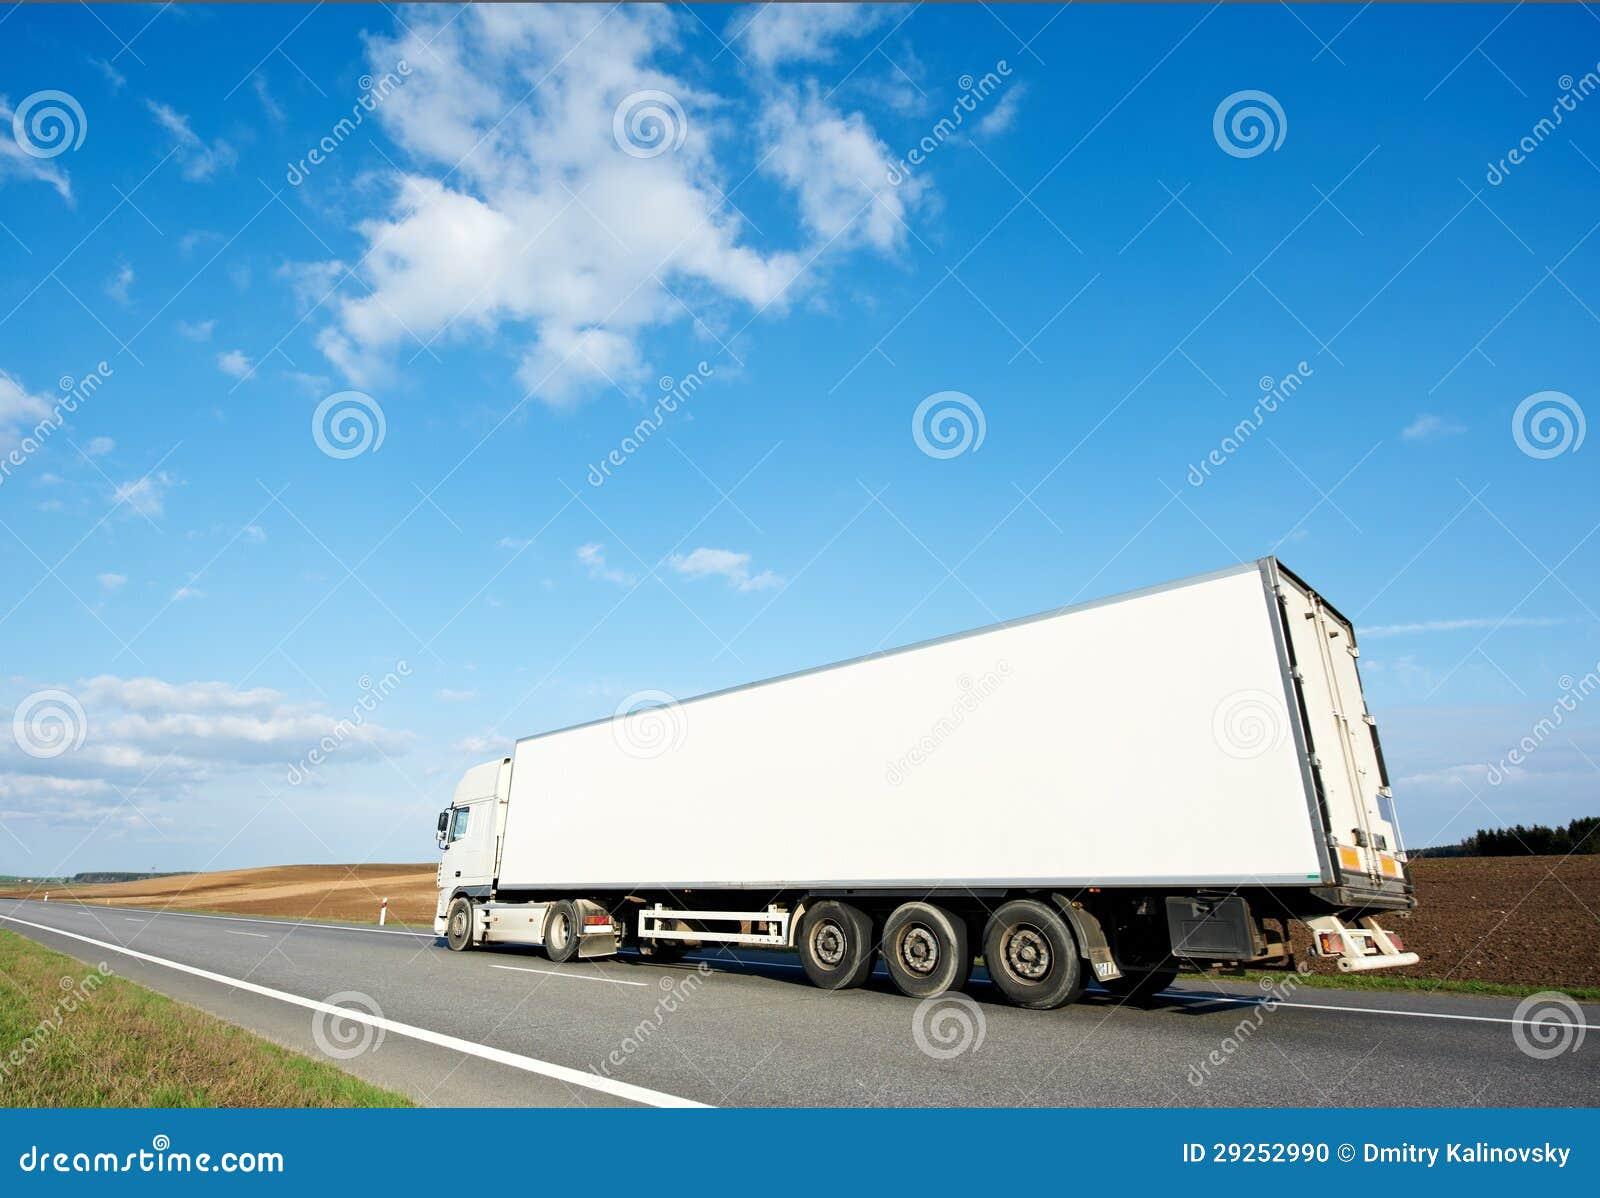 Назад белого трейлера грузовика над голубым небом